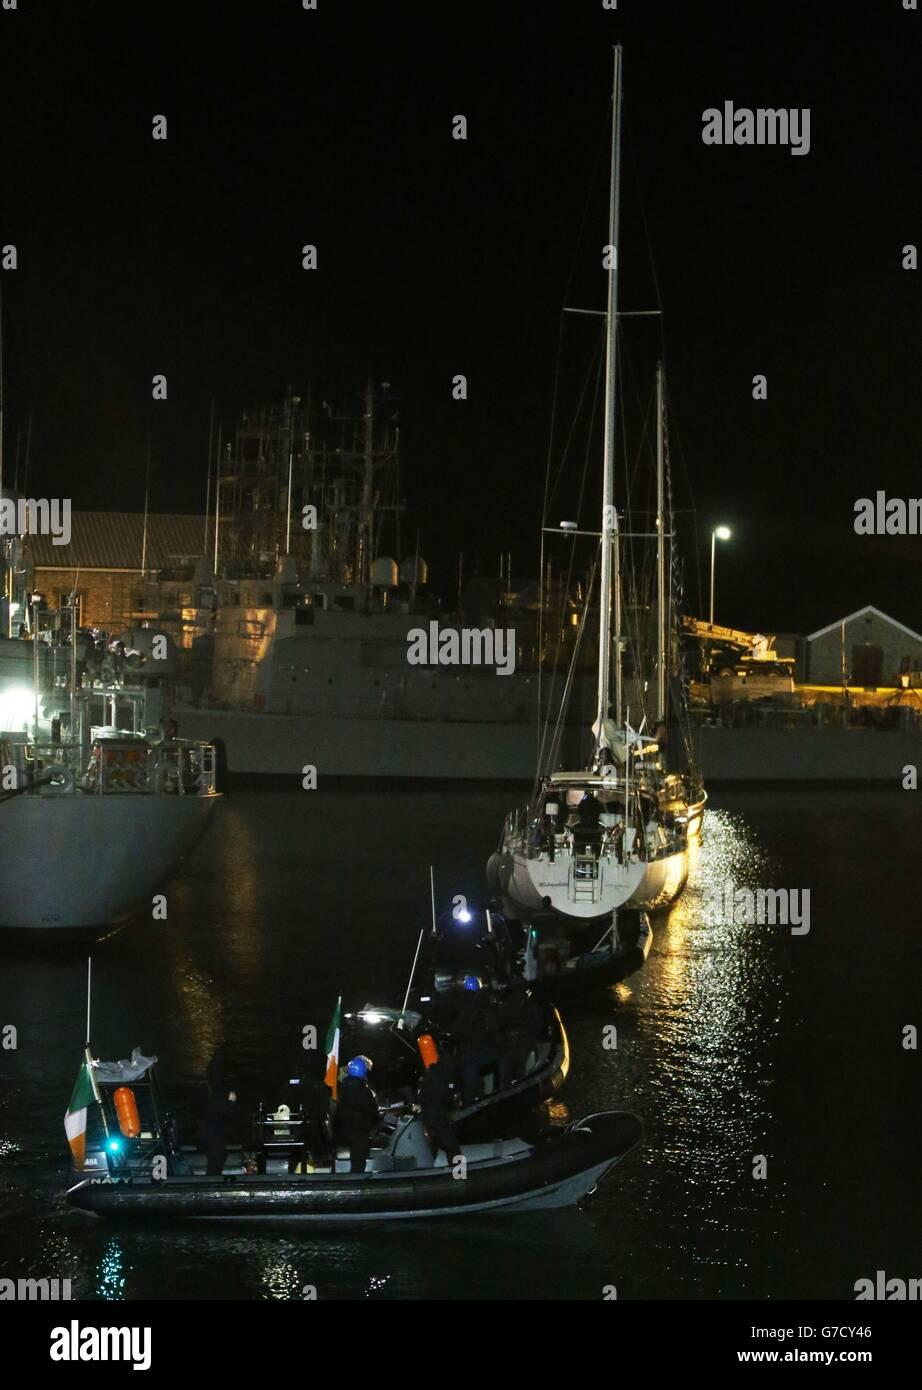 Drugs yacht seized - Stock Image